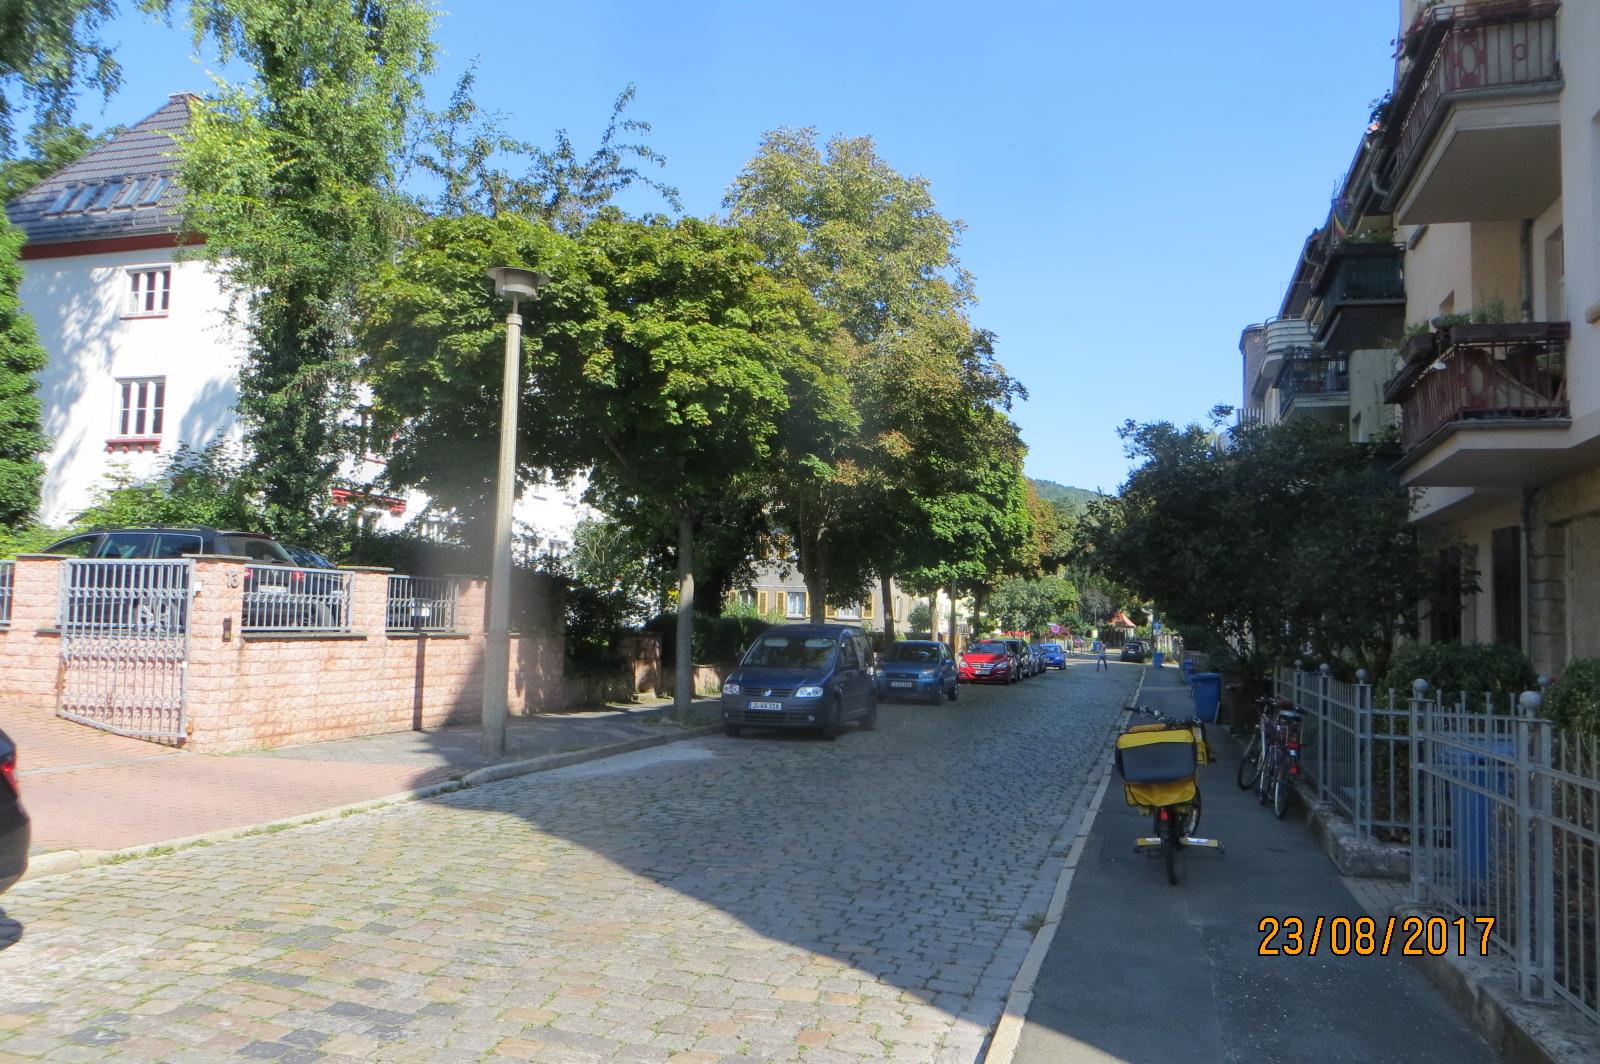 Blick in die Thomas-Mann-Straße, im Vordergrund auf dem Gehweg ein Post-Fahrrad.